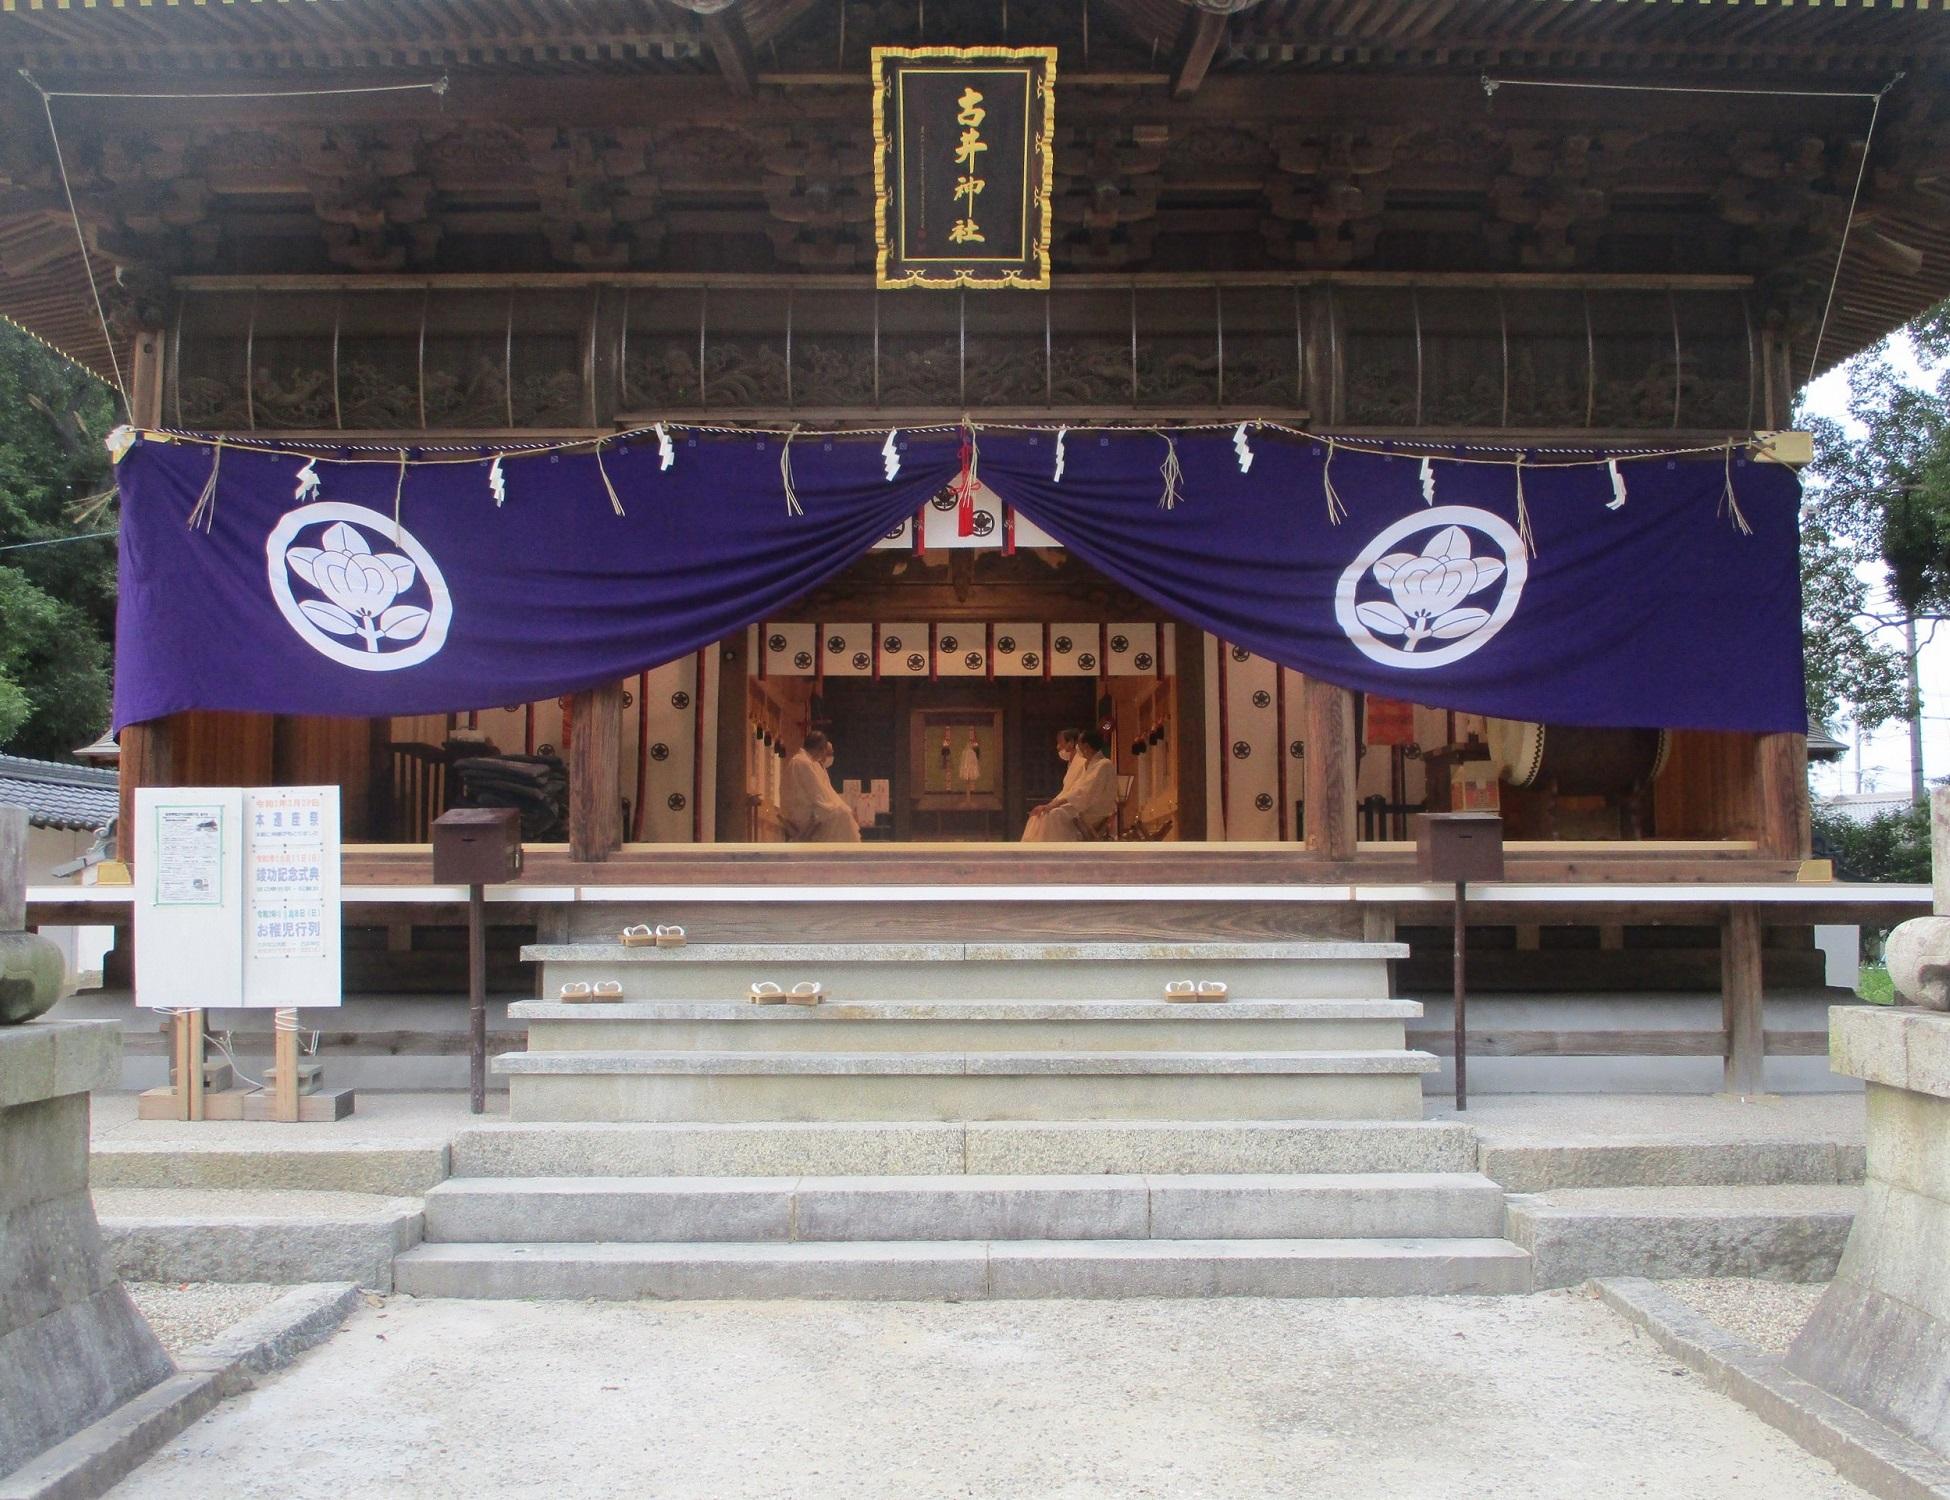 2020.6.27 (53) 古井神社 - 本社殿内 1950-1500